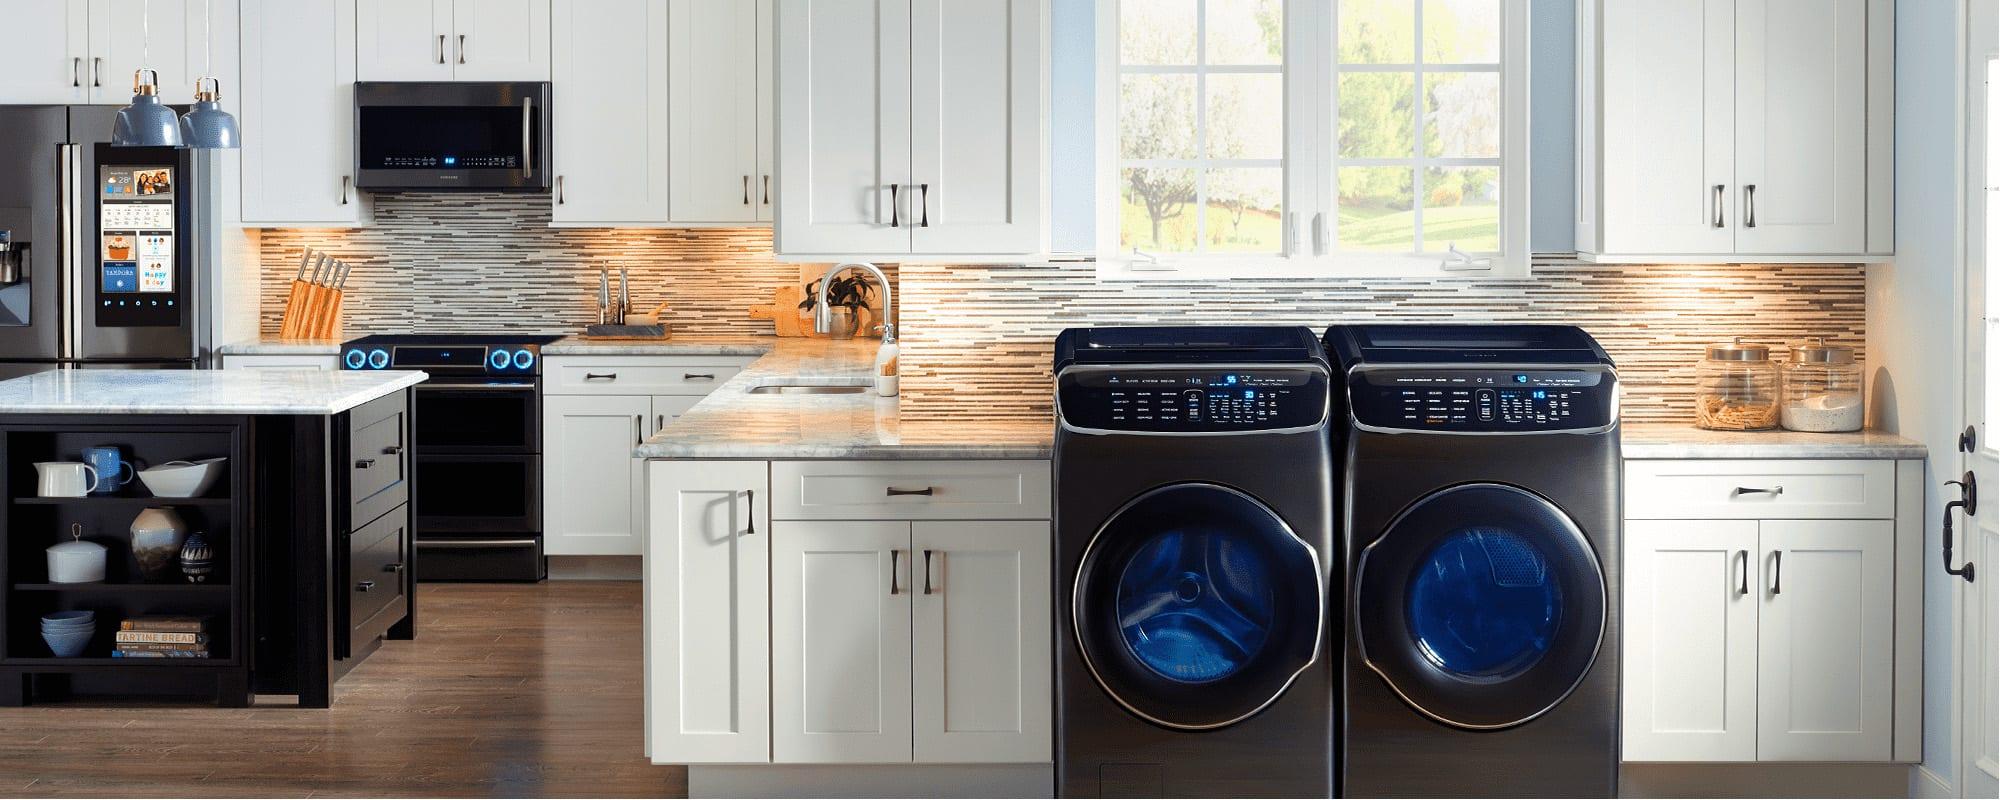 Samsung Brand Home Appliances - Kitchen Appliances ...